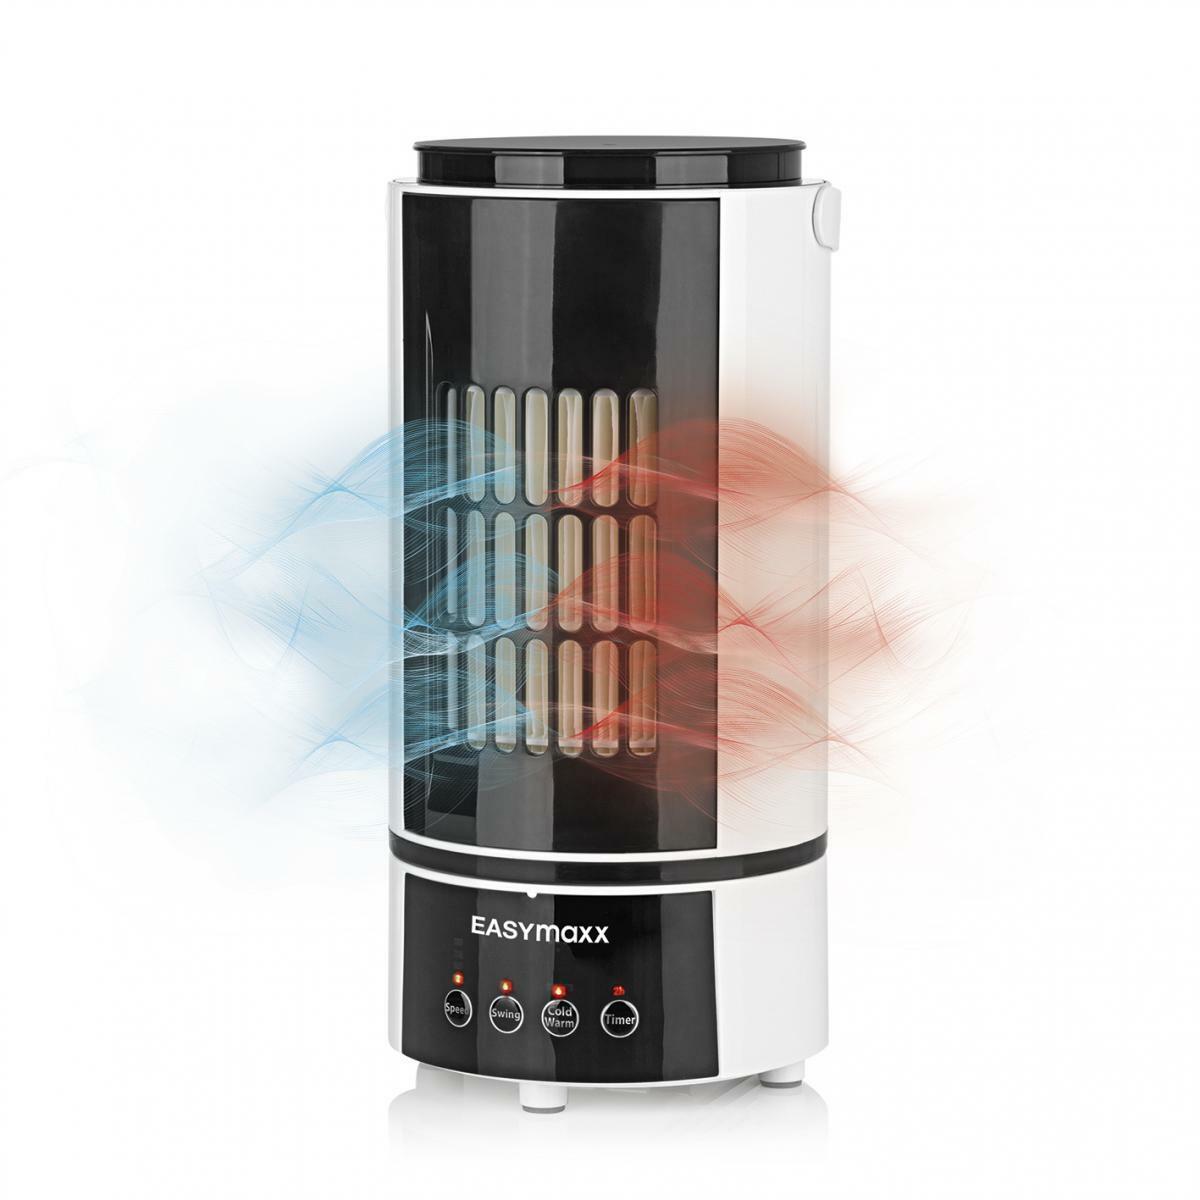 Bild 1 von EASYmaxx Klimagerät Kühlen & Heizen 2in1 800W weiß/schwarz mit Fernb. + Timer